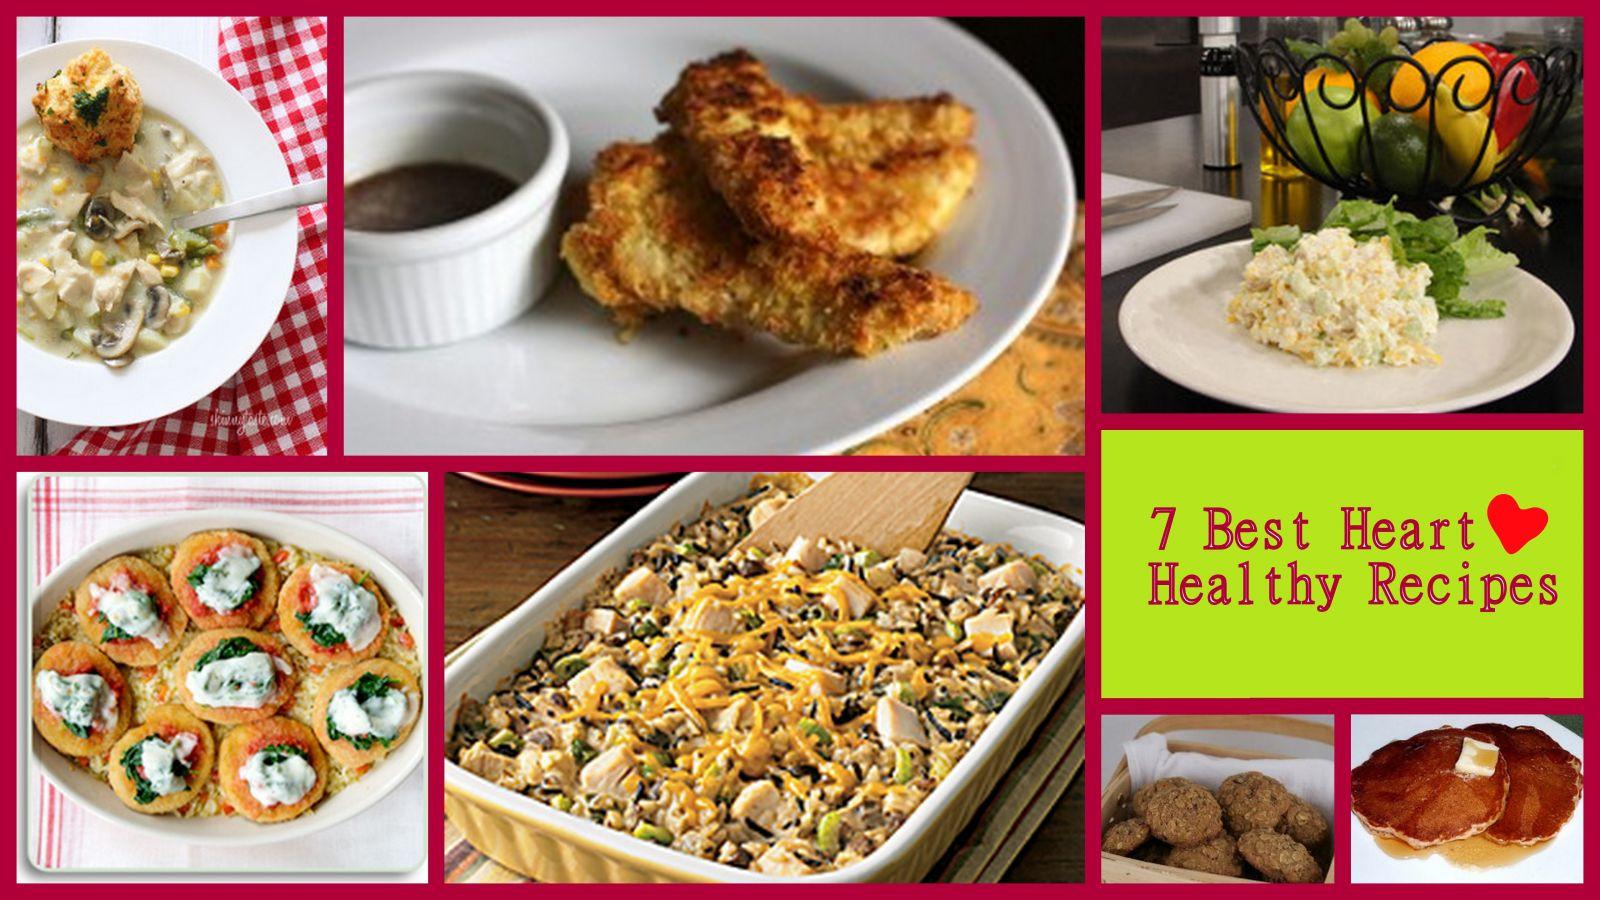 Healthy Heart Recipes  7 Best Heart Healthy Recipes